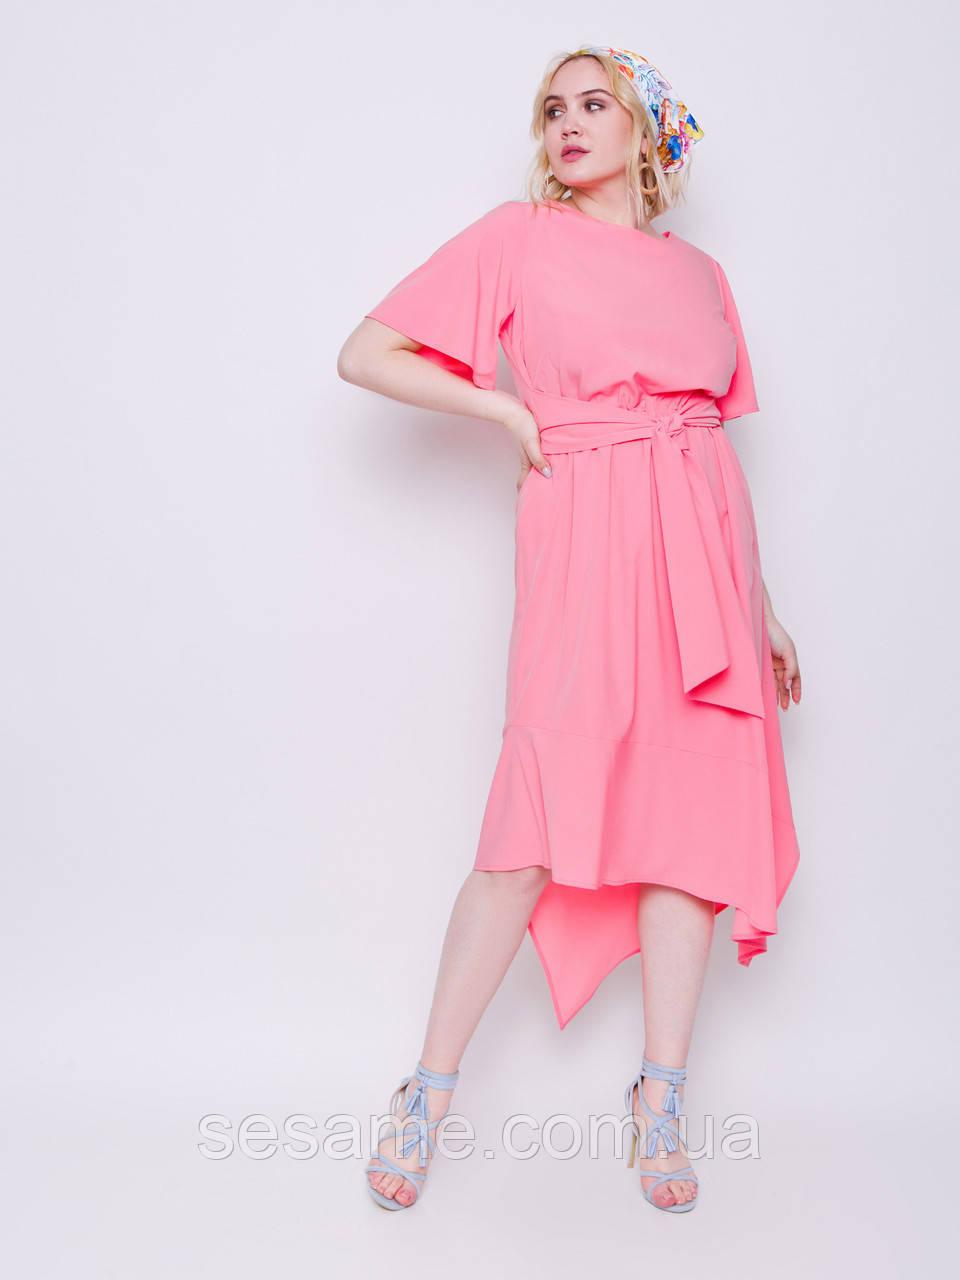 grand ua Элина платье